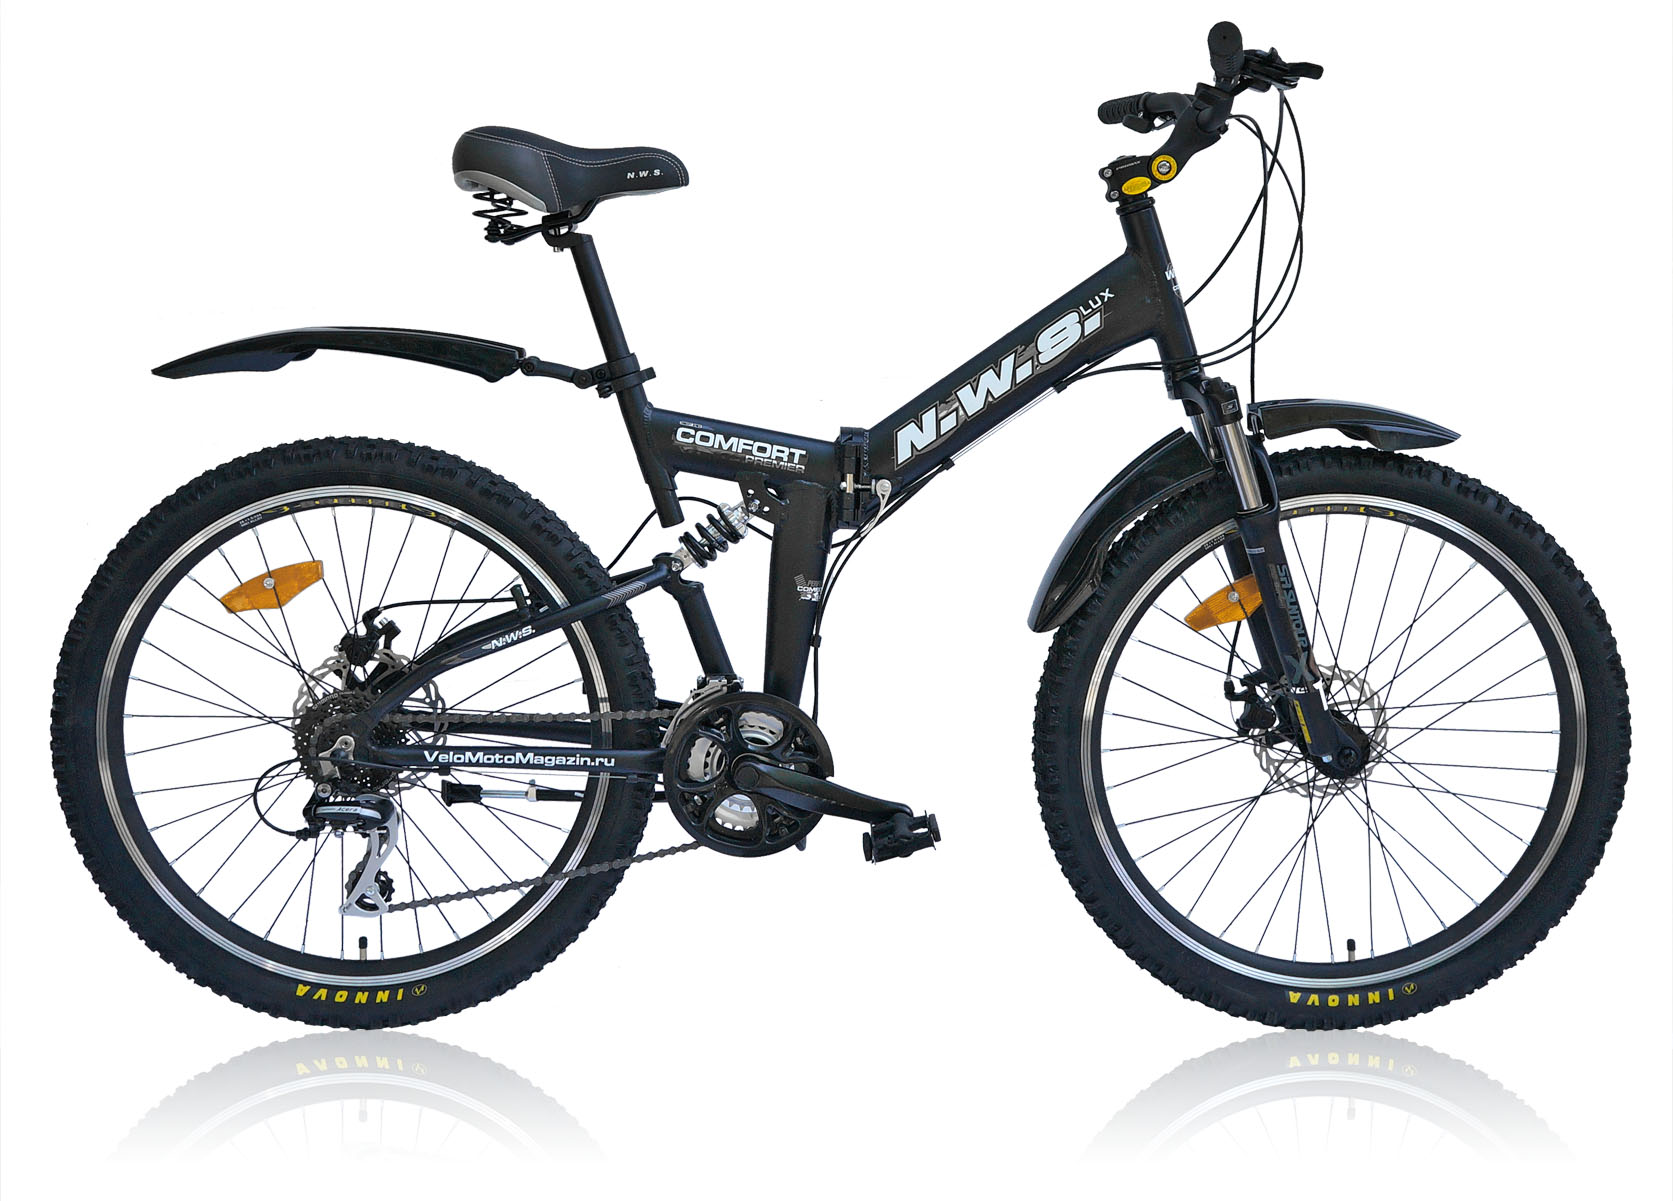 спортивное оборудование спб велосипеды купить недорого векторные